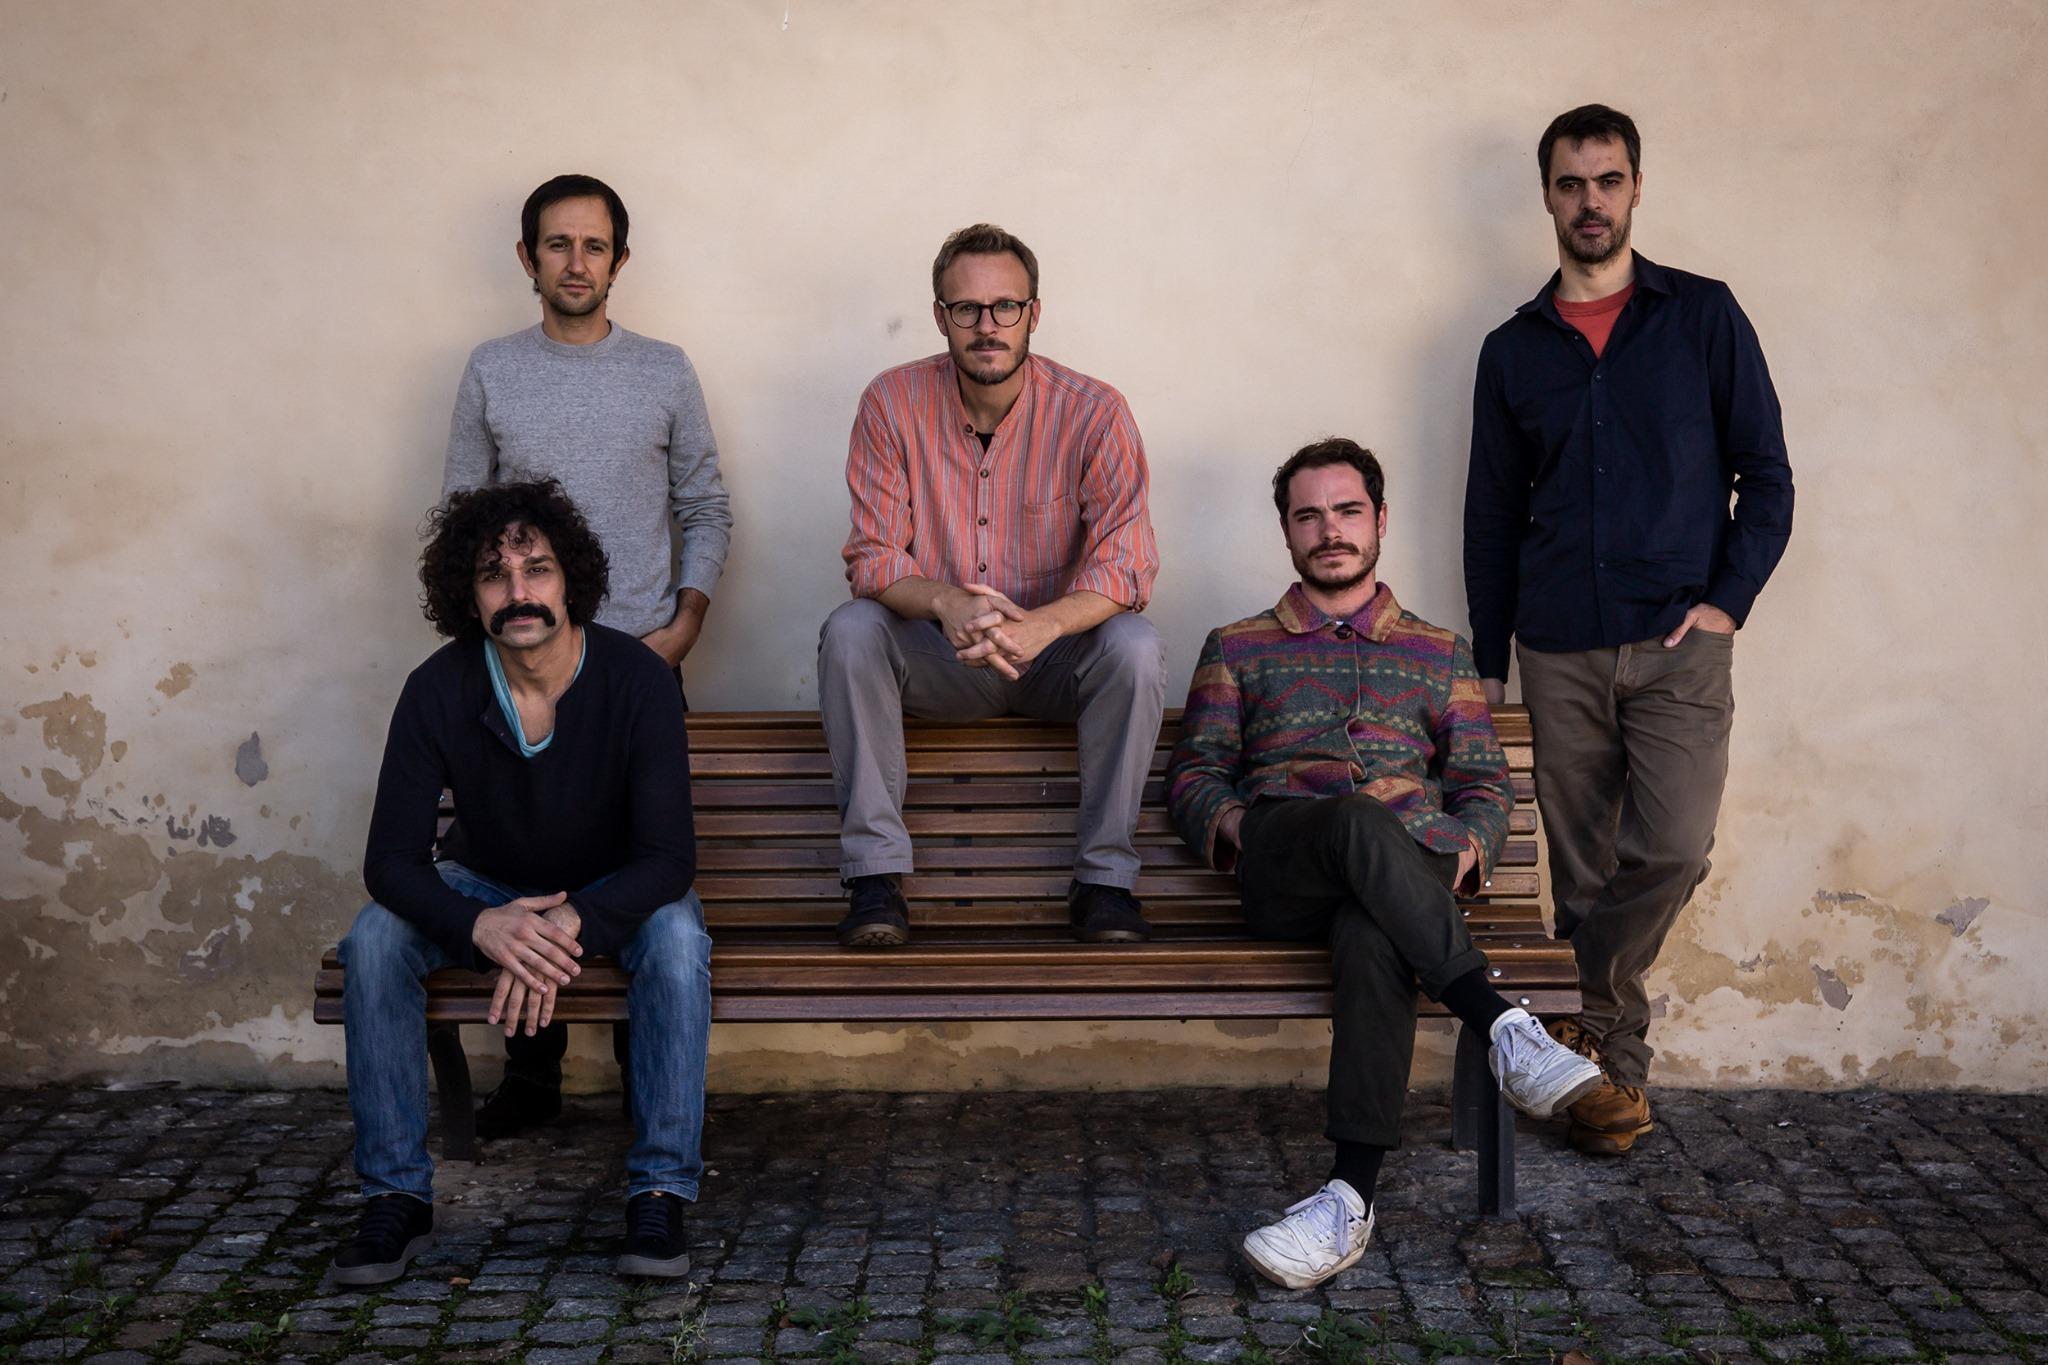 Porta-Jazz ao Relento | Demian Cabaud 'Otro Cielo'